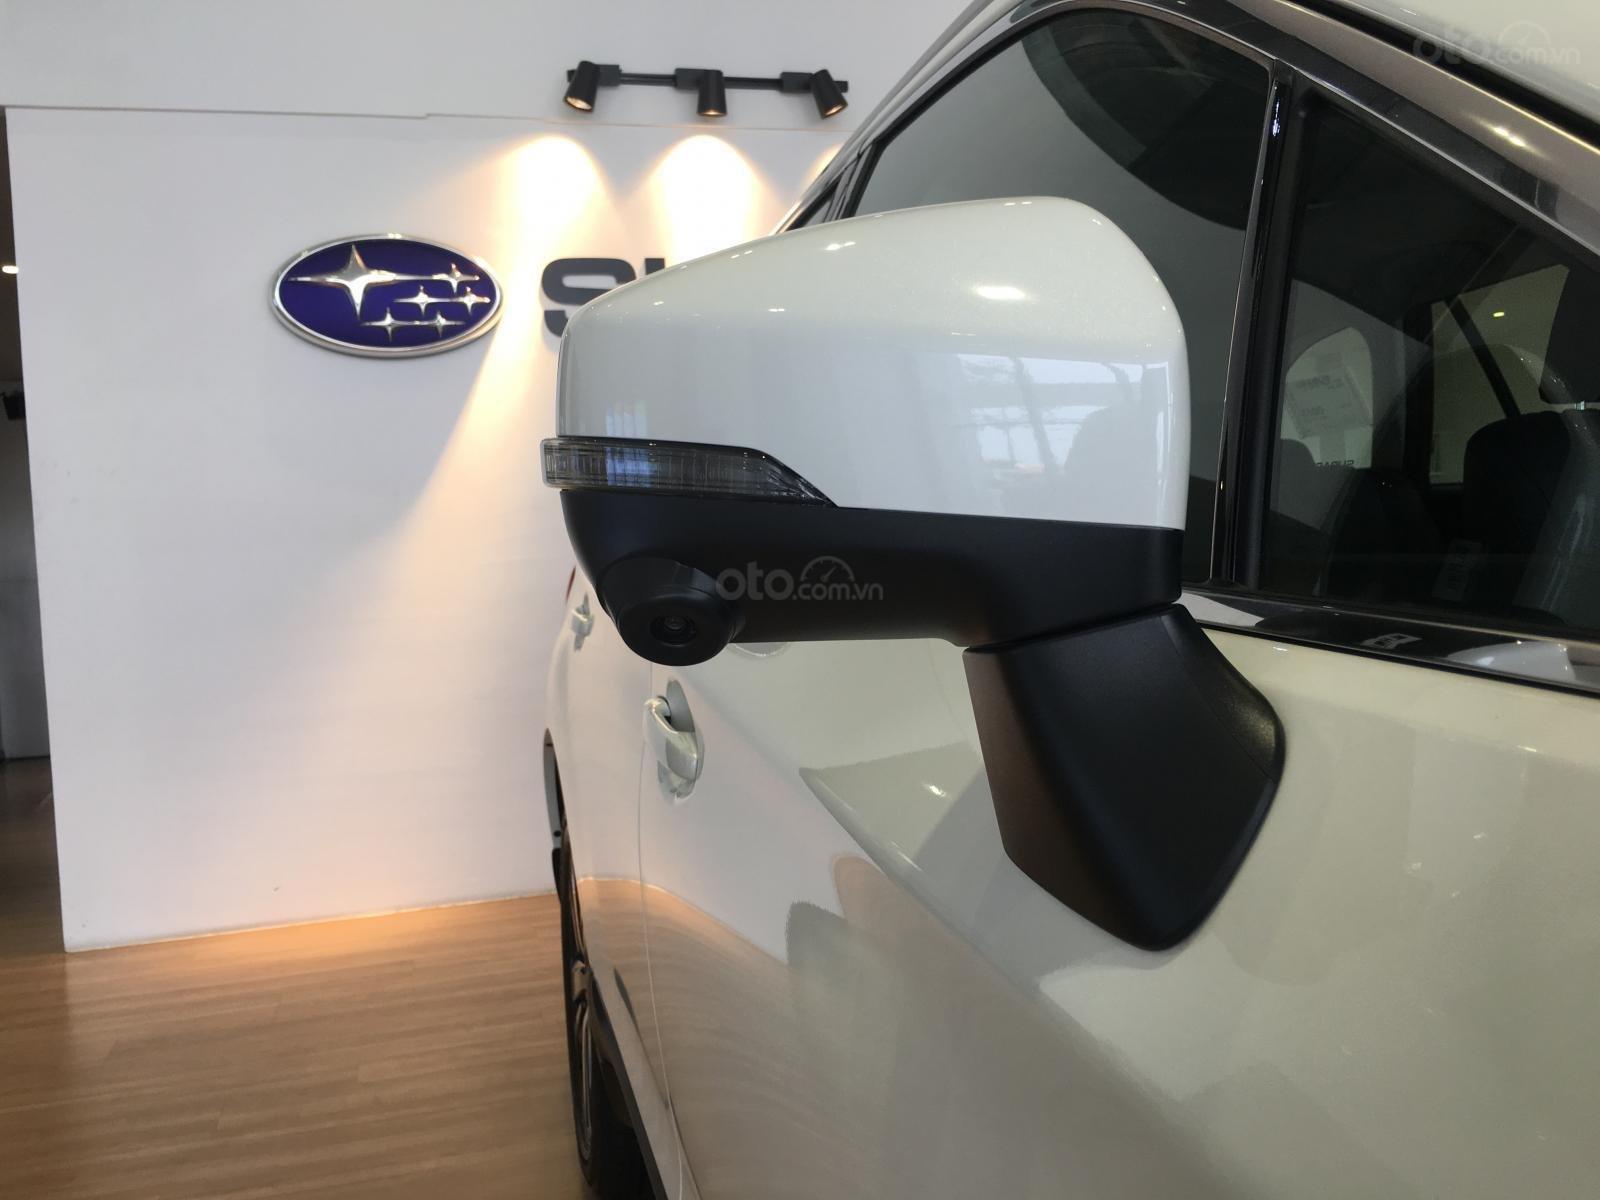 Bán Subaru Outback 2.5 EyeSight tại miền Trung, màu trắng, nhập khẩu nguyên chiếc từ Nhật Bản (6)